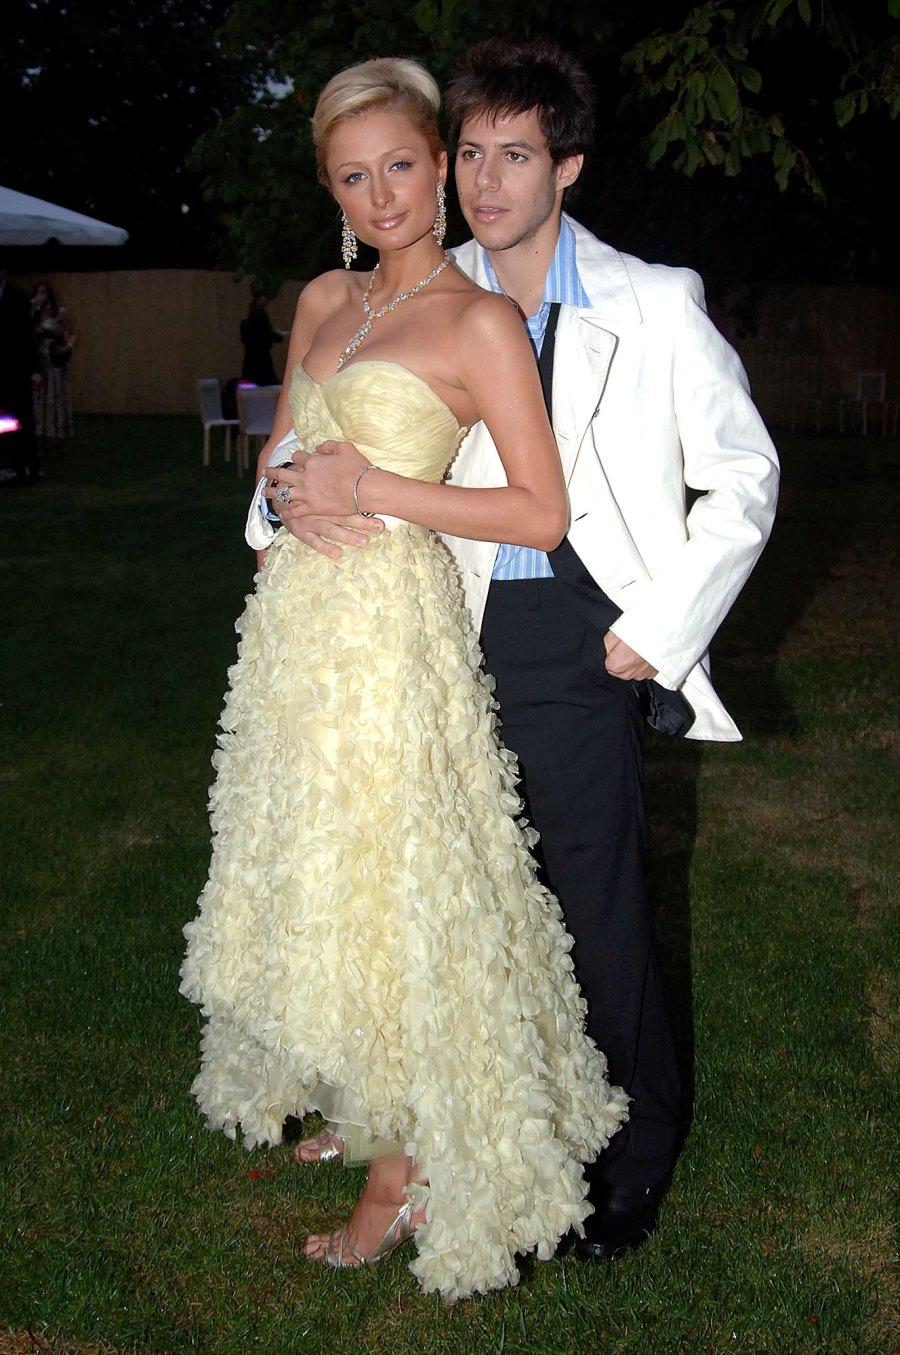 Paris Hilton and Paris Latsis Celebrity Couples Who Cut Their Engagements Short